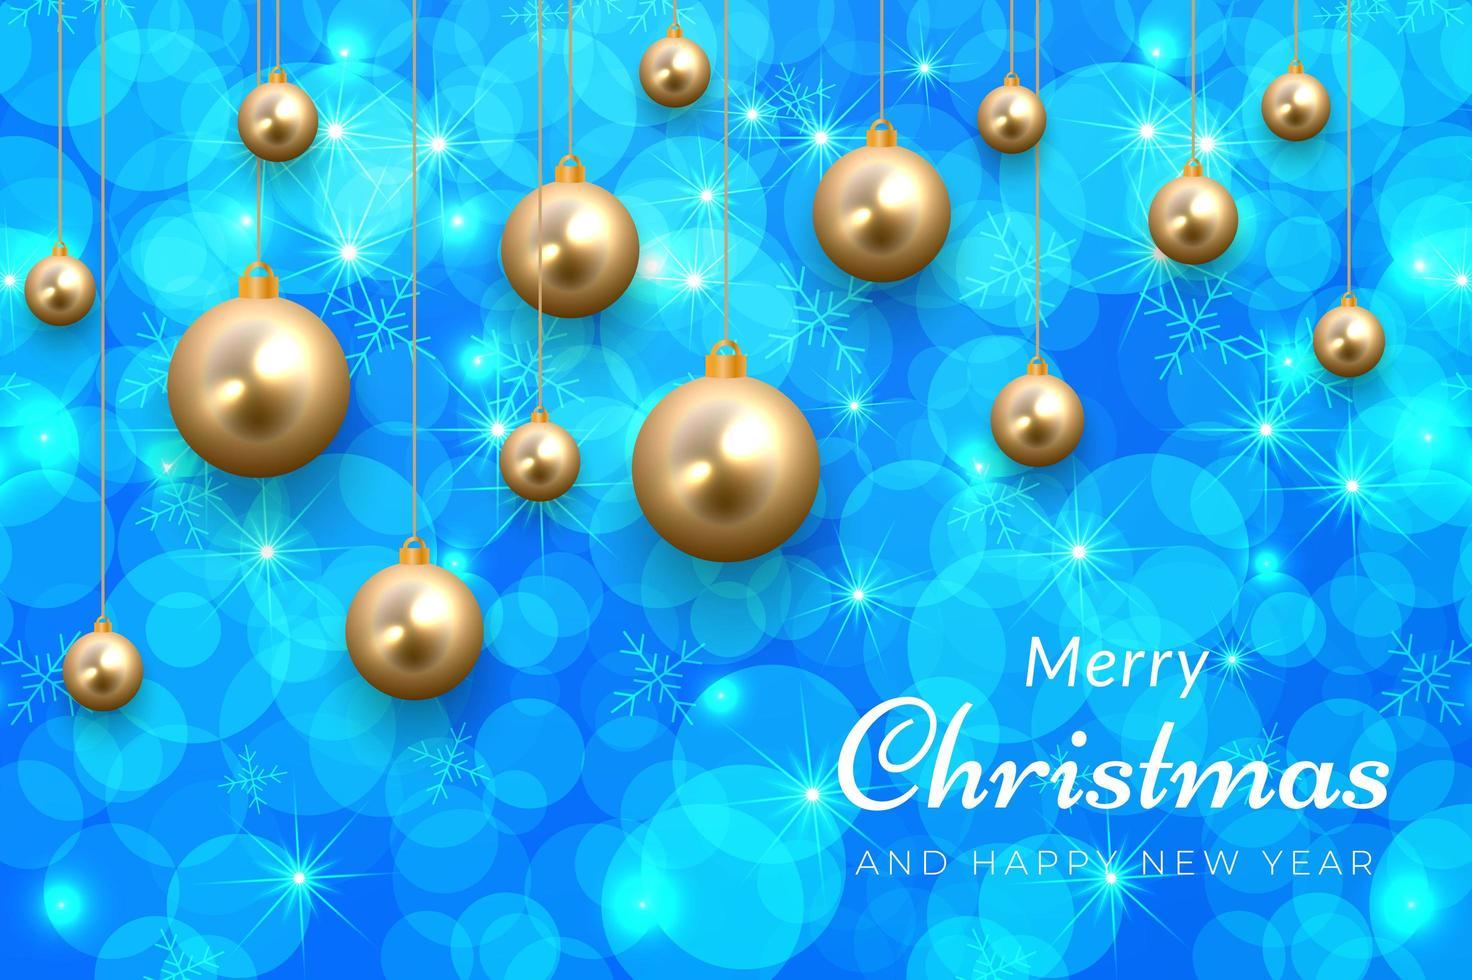 blauwe kerstviering achtergrond met gouden ornamenten vector